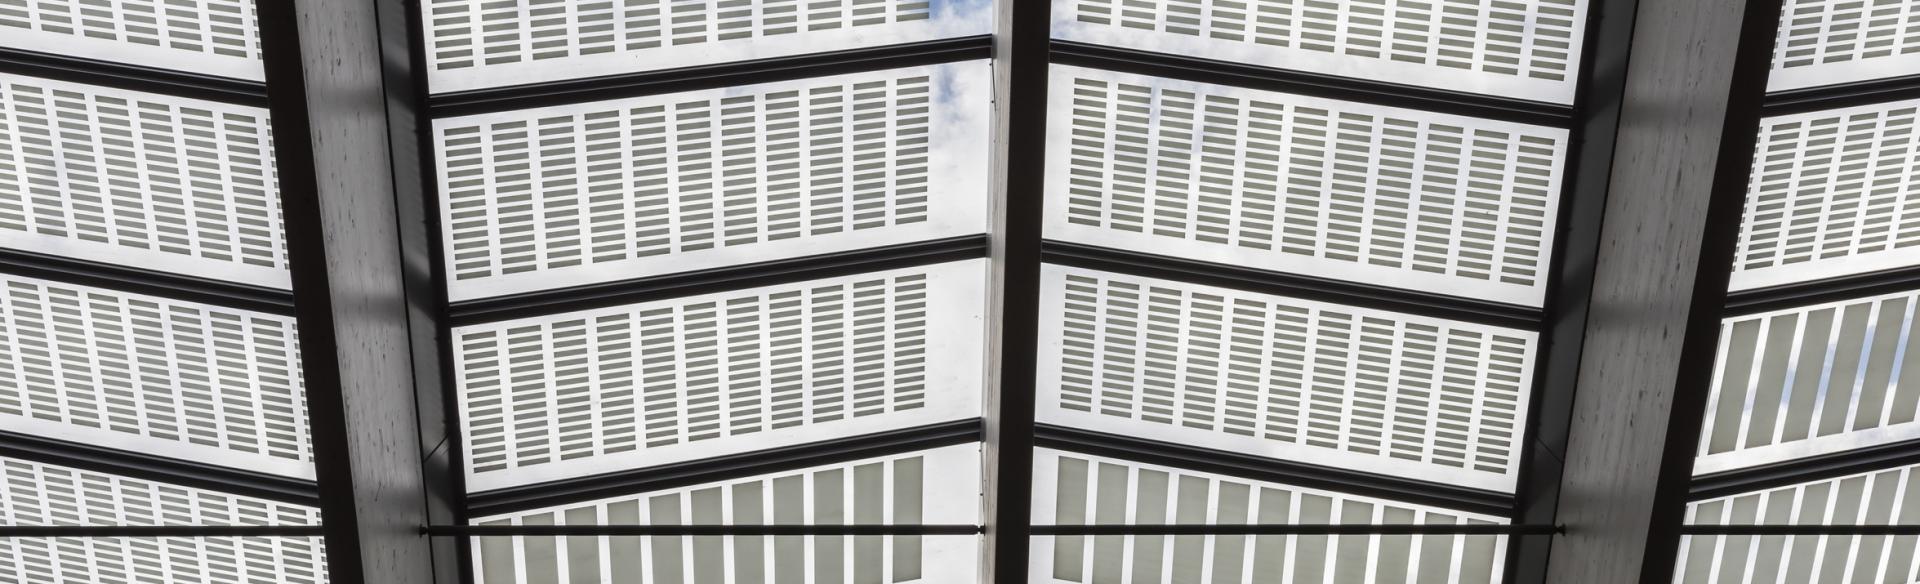 Transparante zonnepanelen voor glas en geveltoepassingen